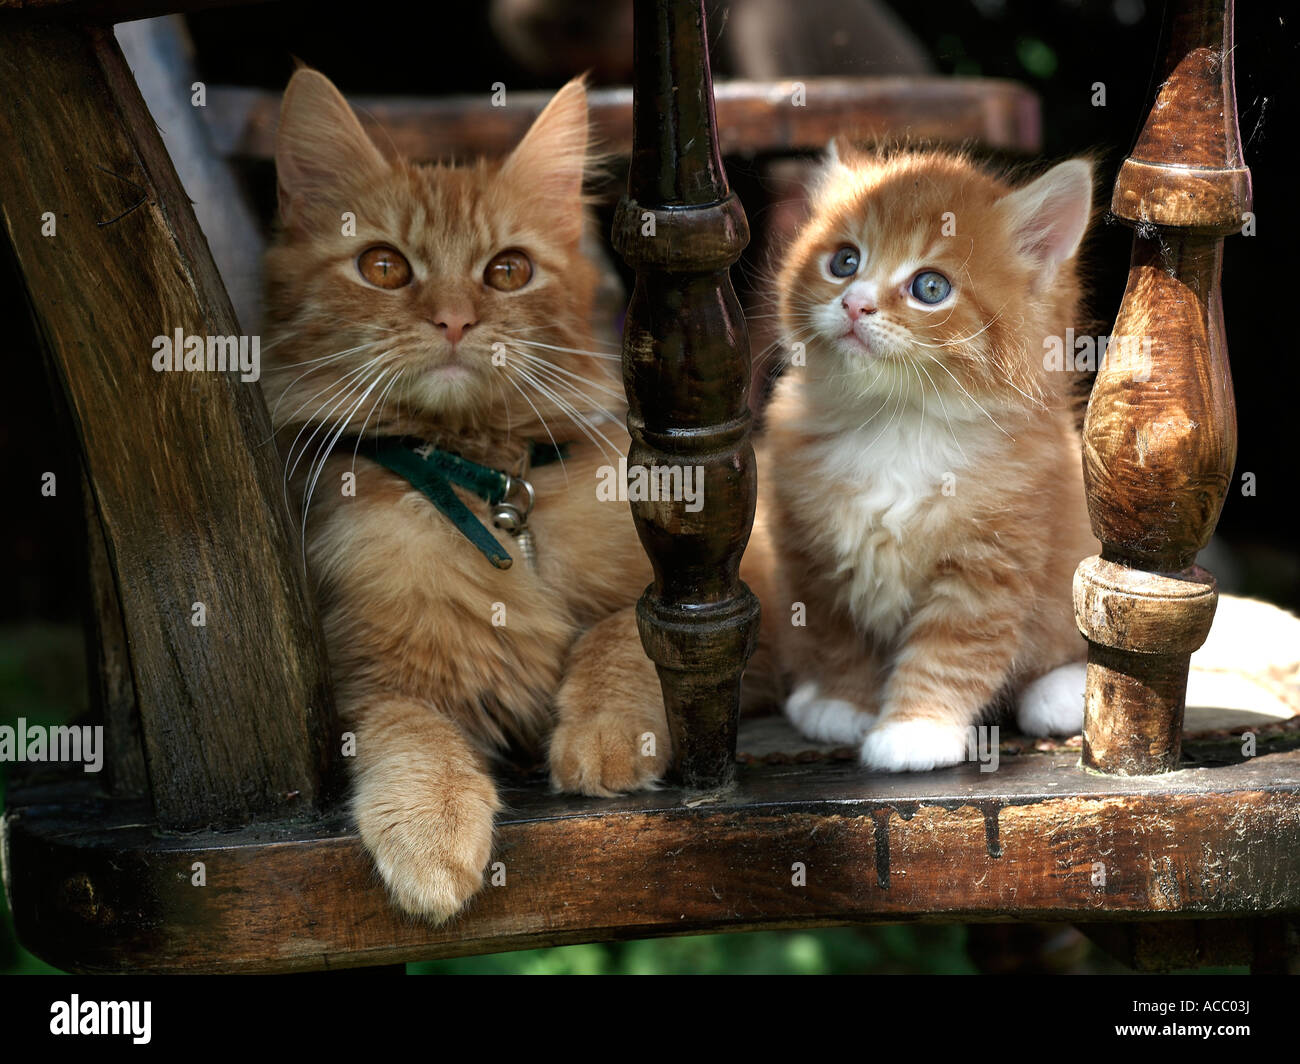 Un petit chaton et sa mère assise sur une chaise. Photo Stock